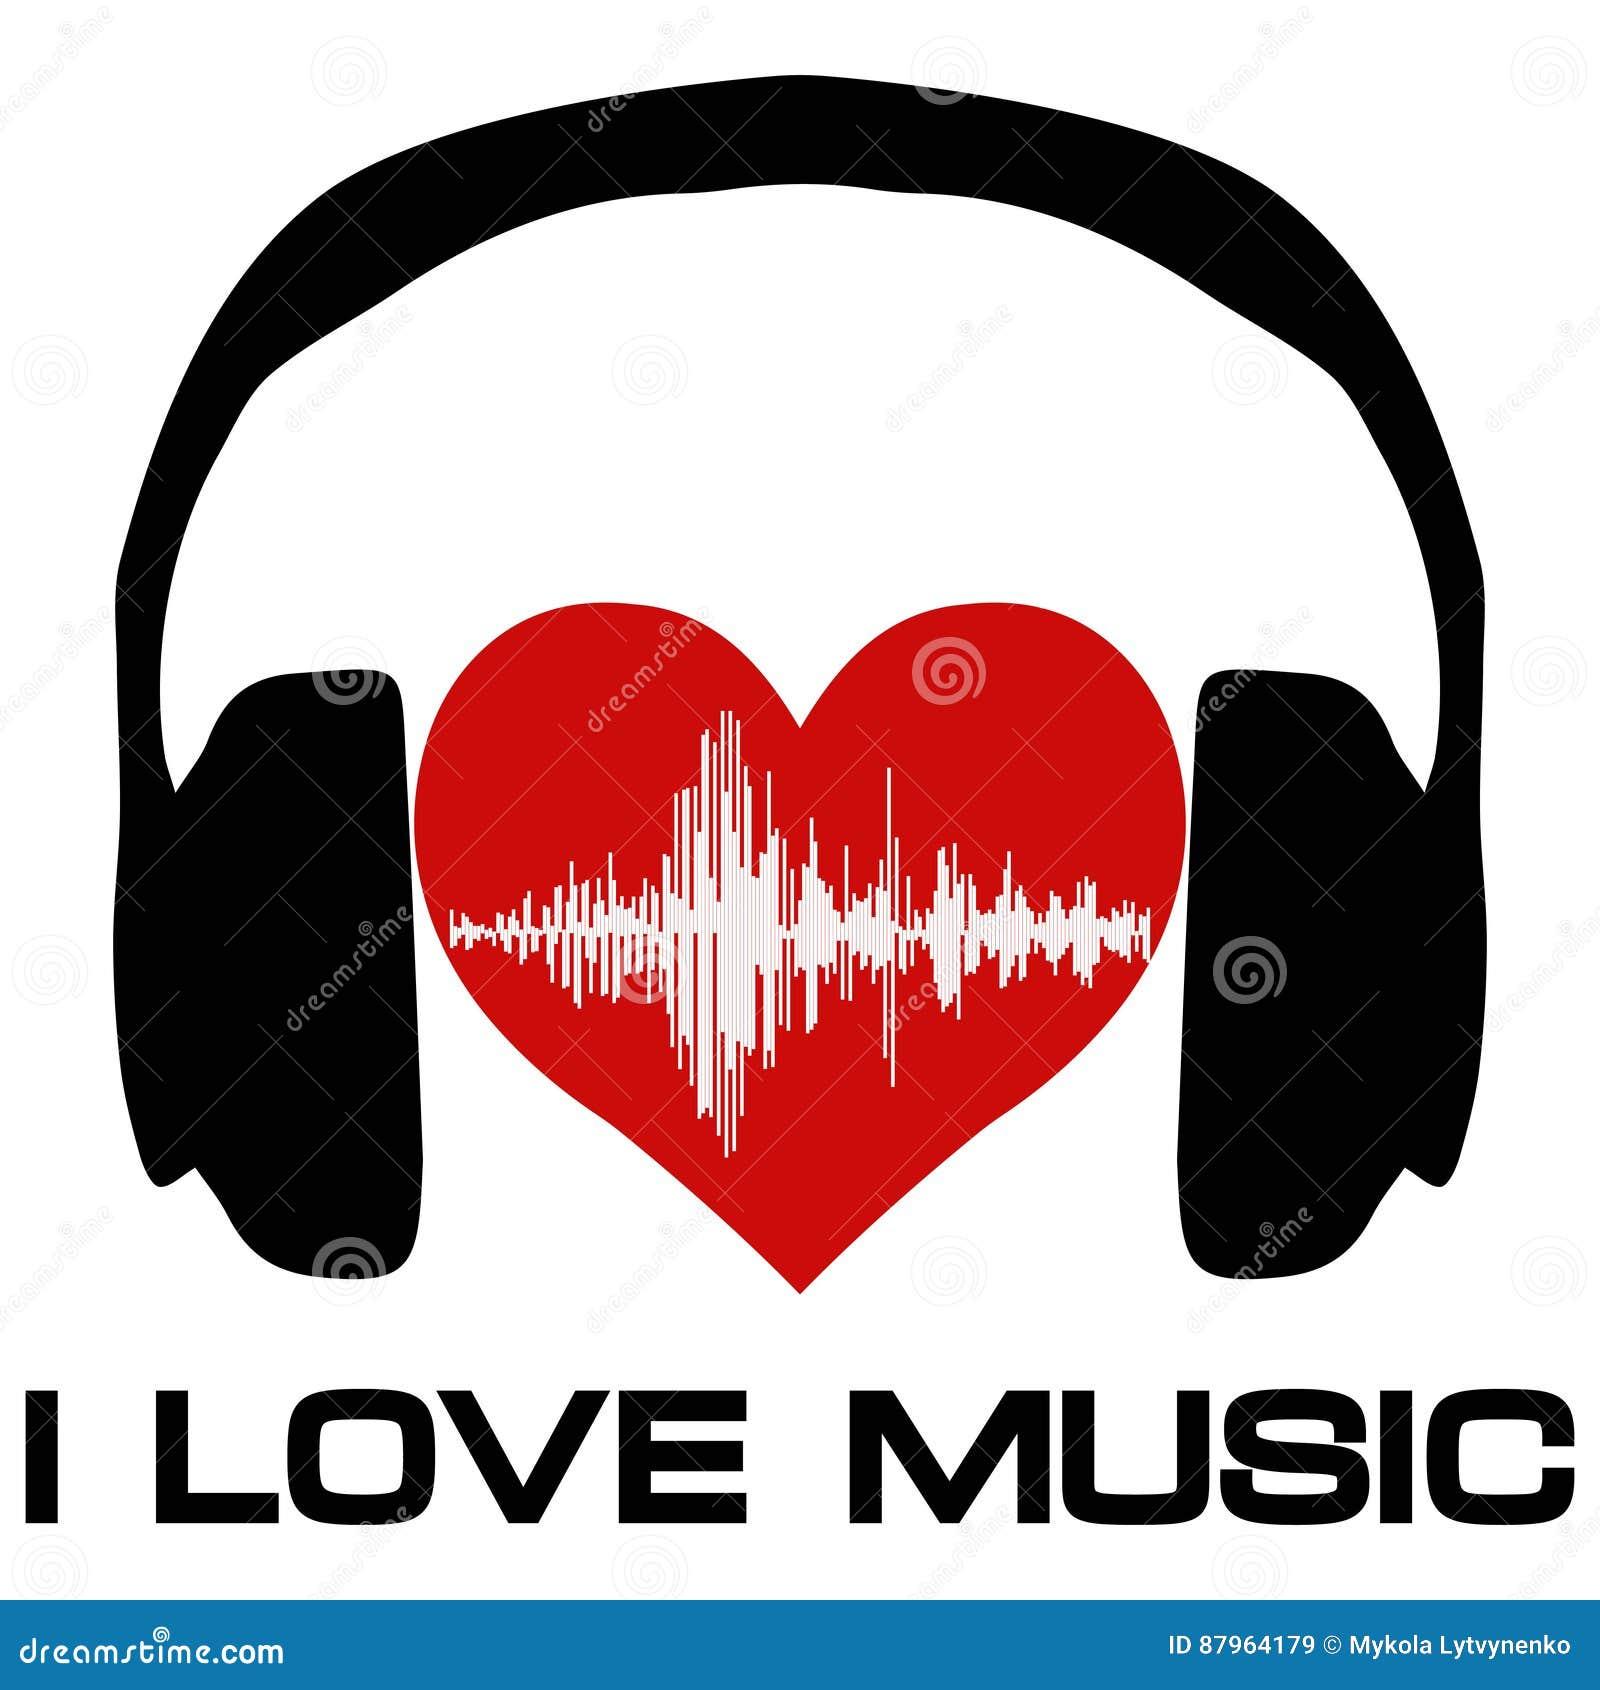 Ich liebe Musik, Vinylabdeckung für einen Musikfan